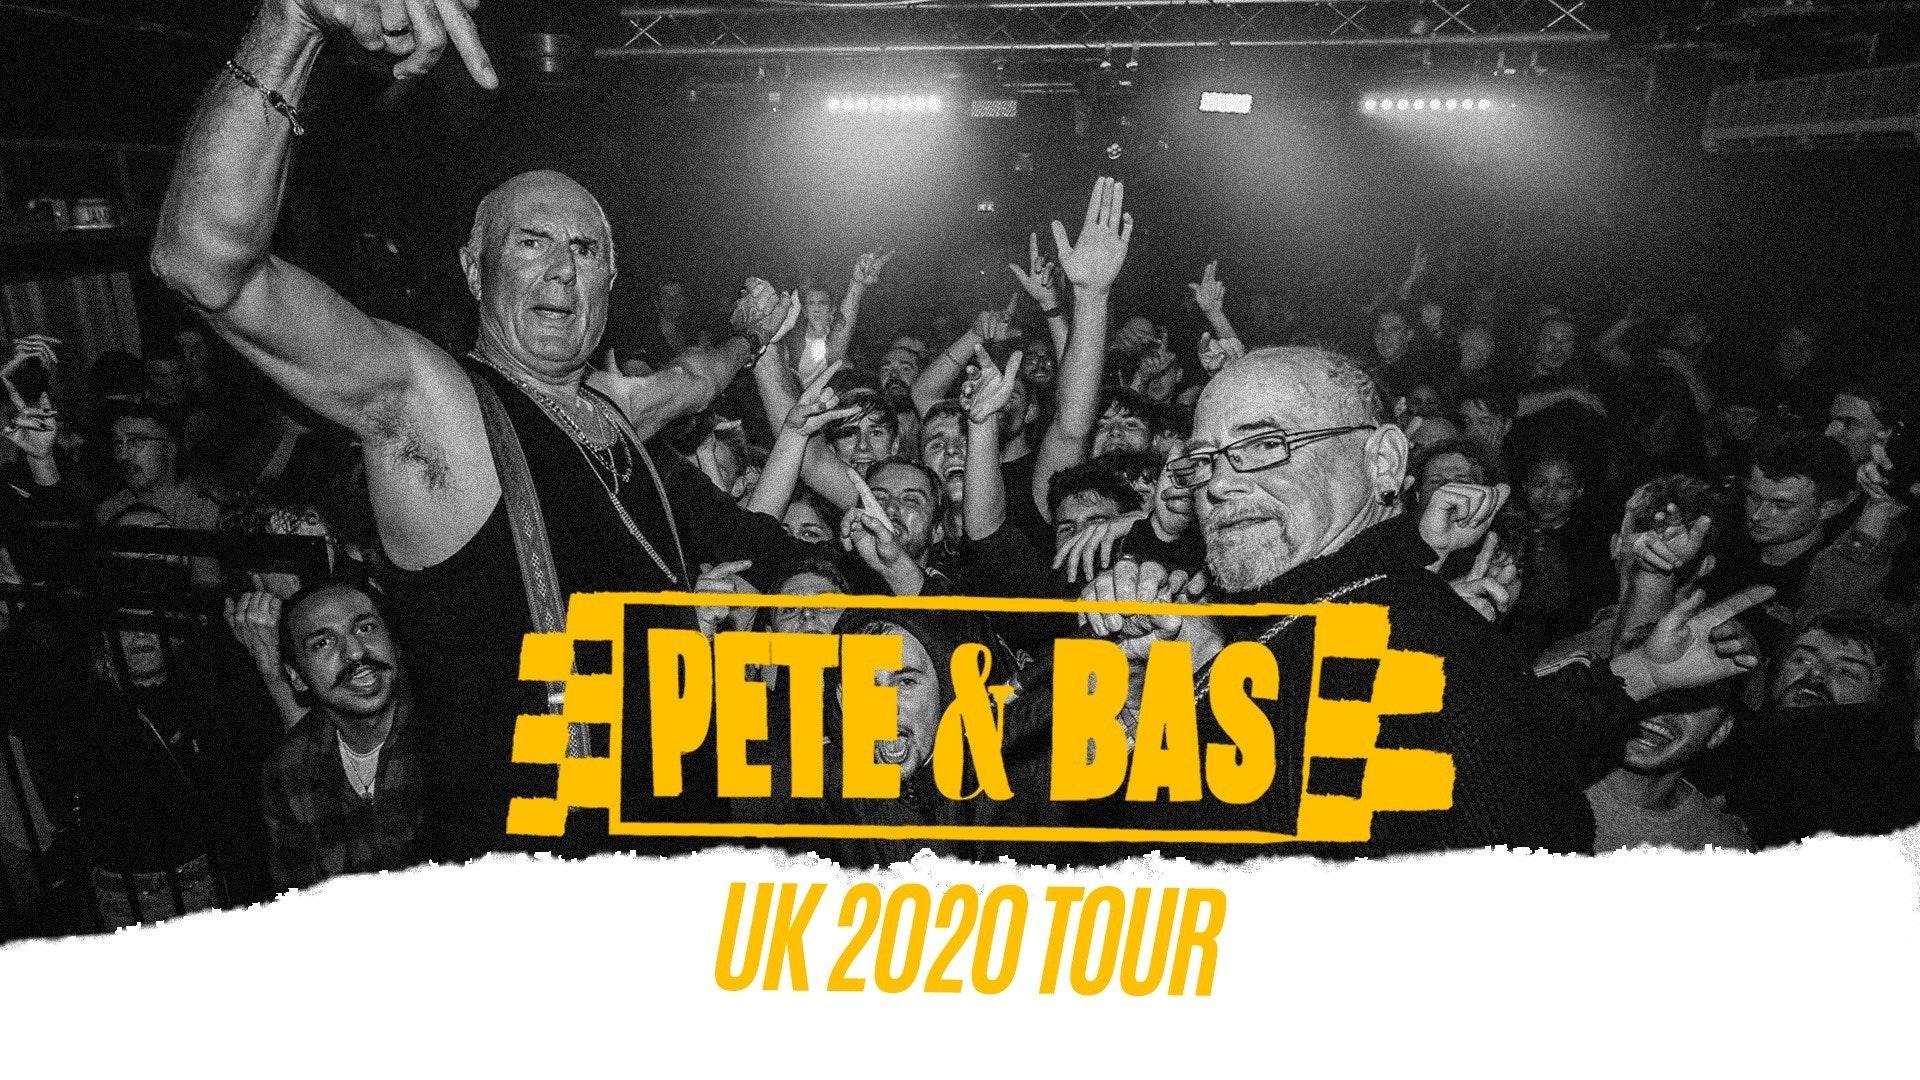 POSTPONED – Pete & Bas